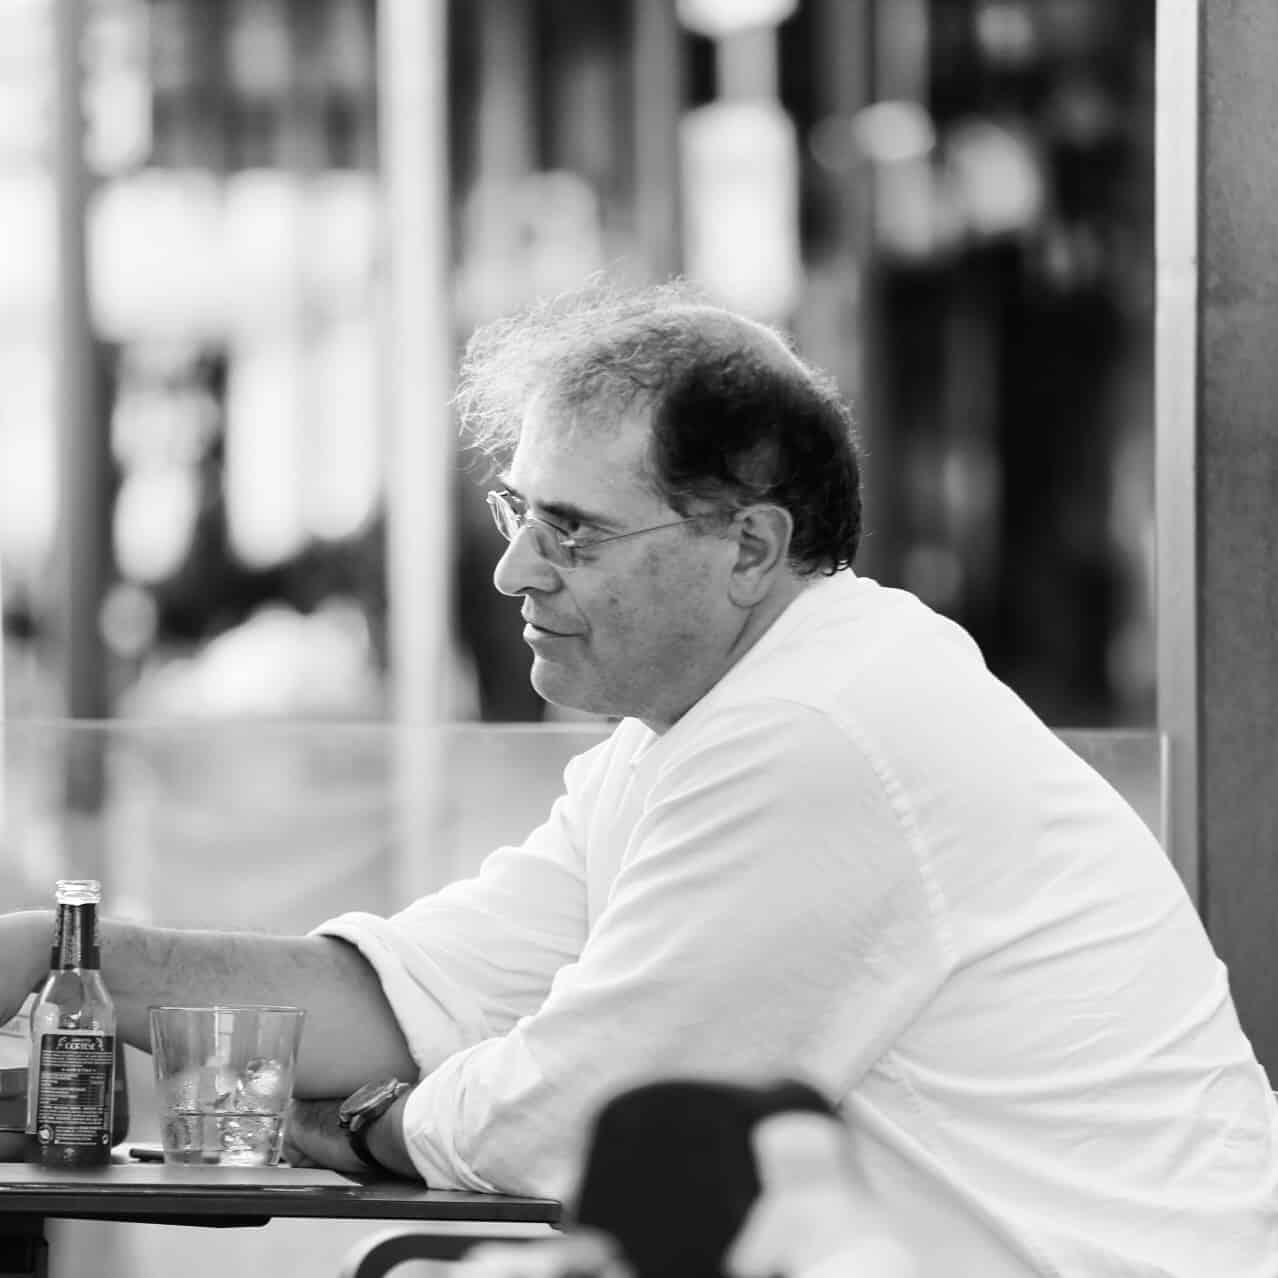 Portraits of Italy: aperitivo in Arona